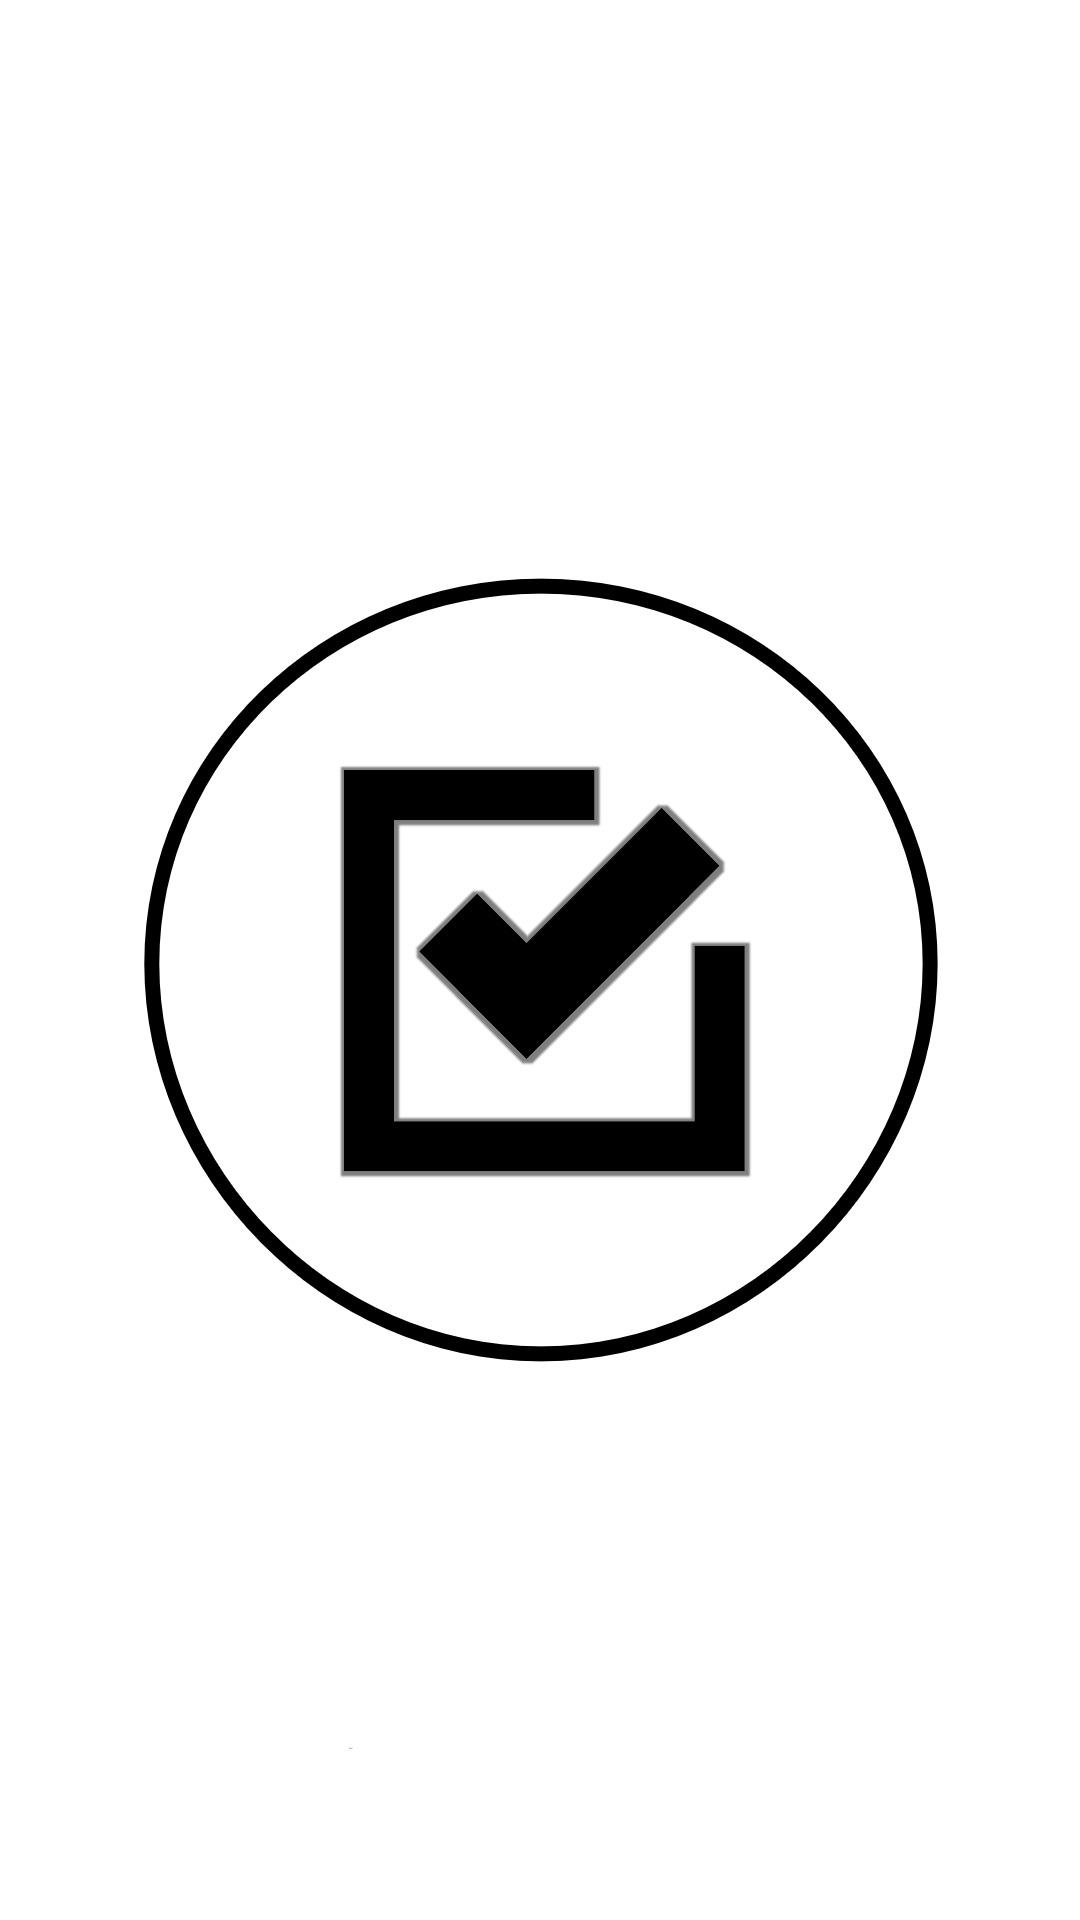 Instagram-cover-task-blackwhite-lotnotes.com.jpg